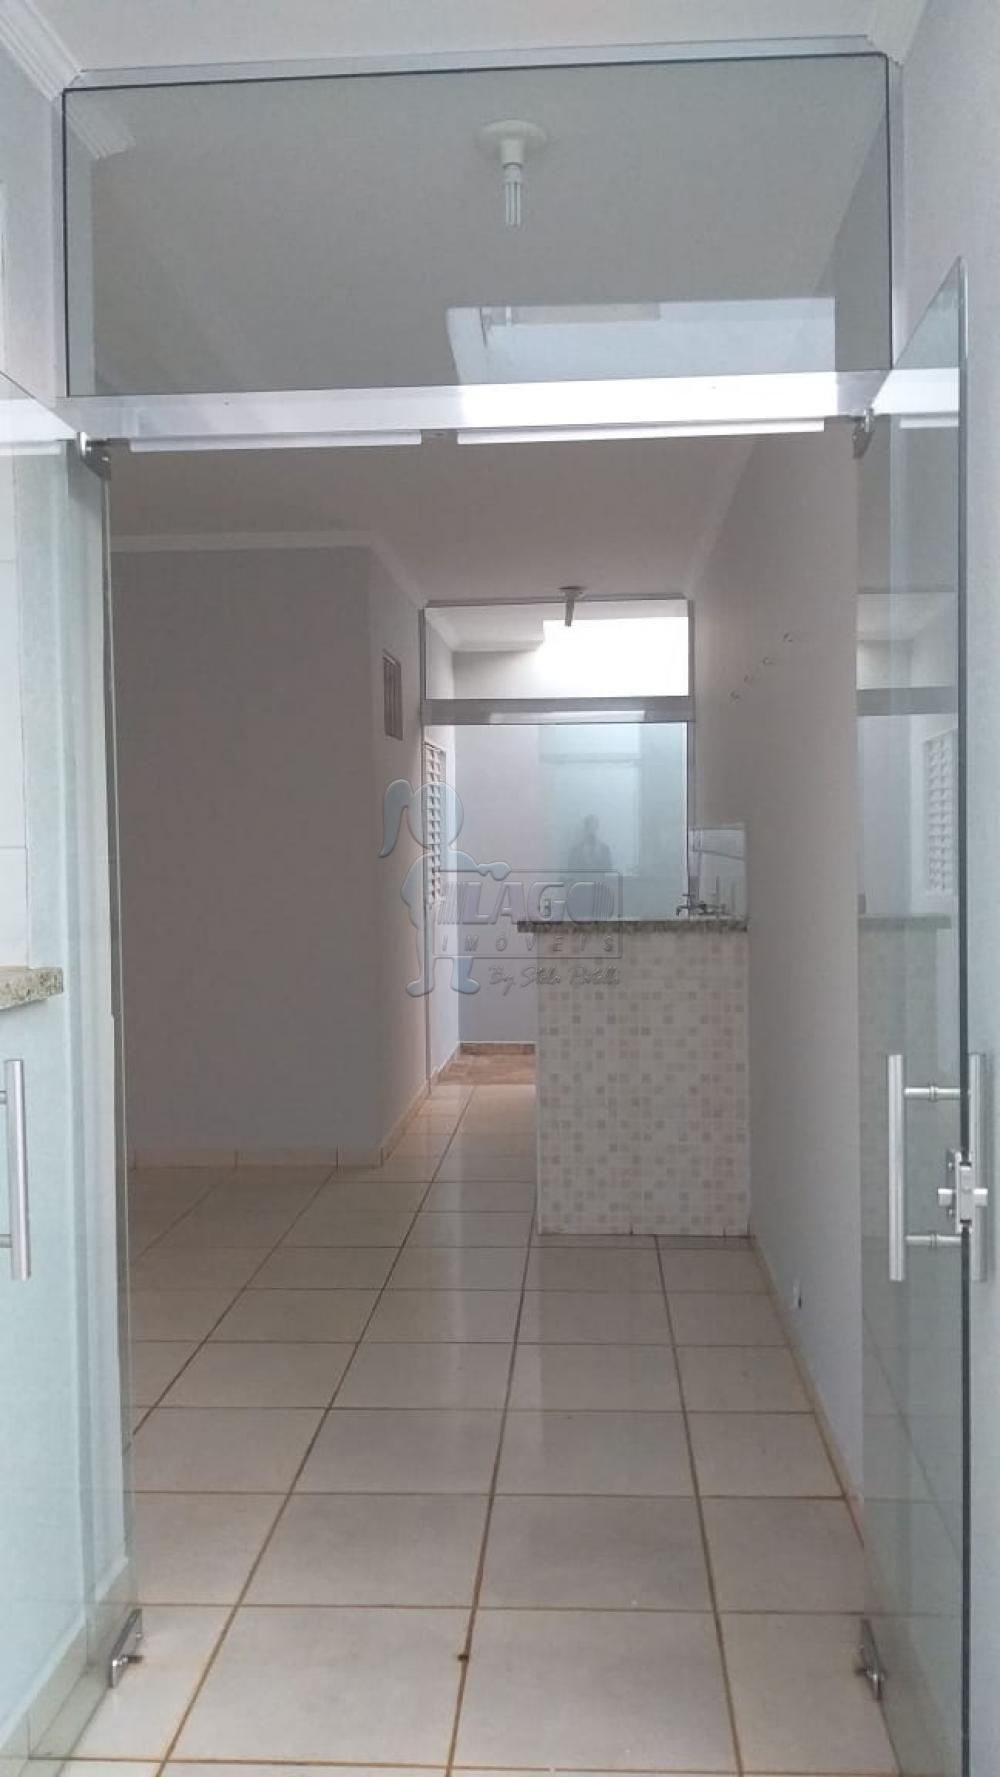 Comprar Casas / Padrão em Ribeirão Preto apenas R$ 220.000,00 - Foto 5